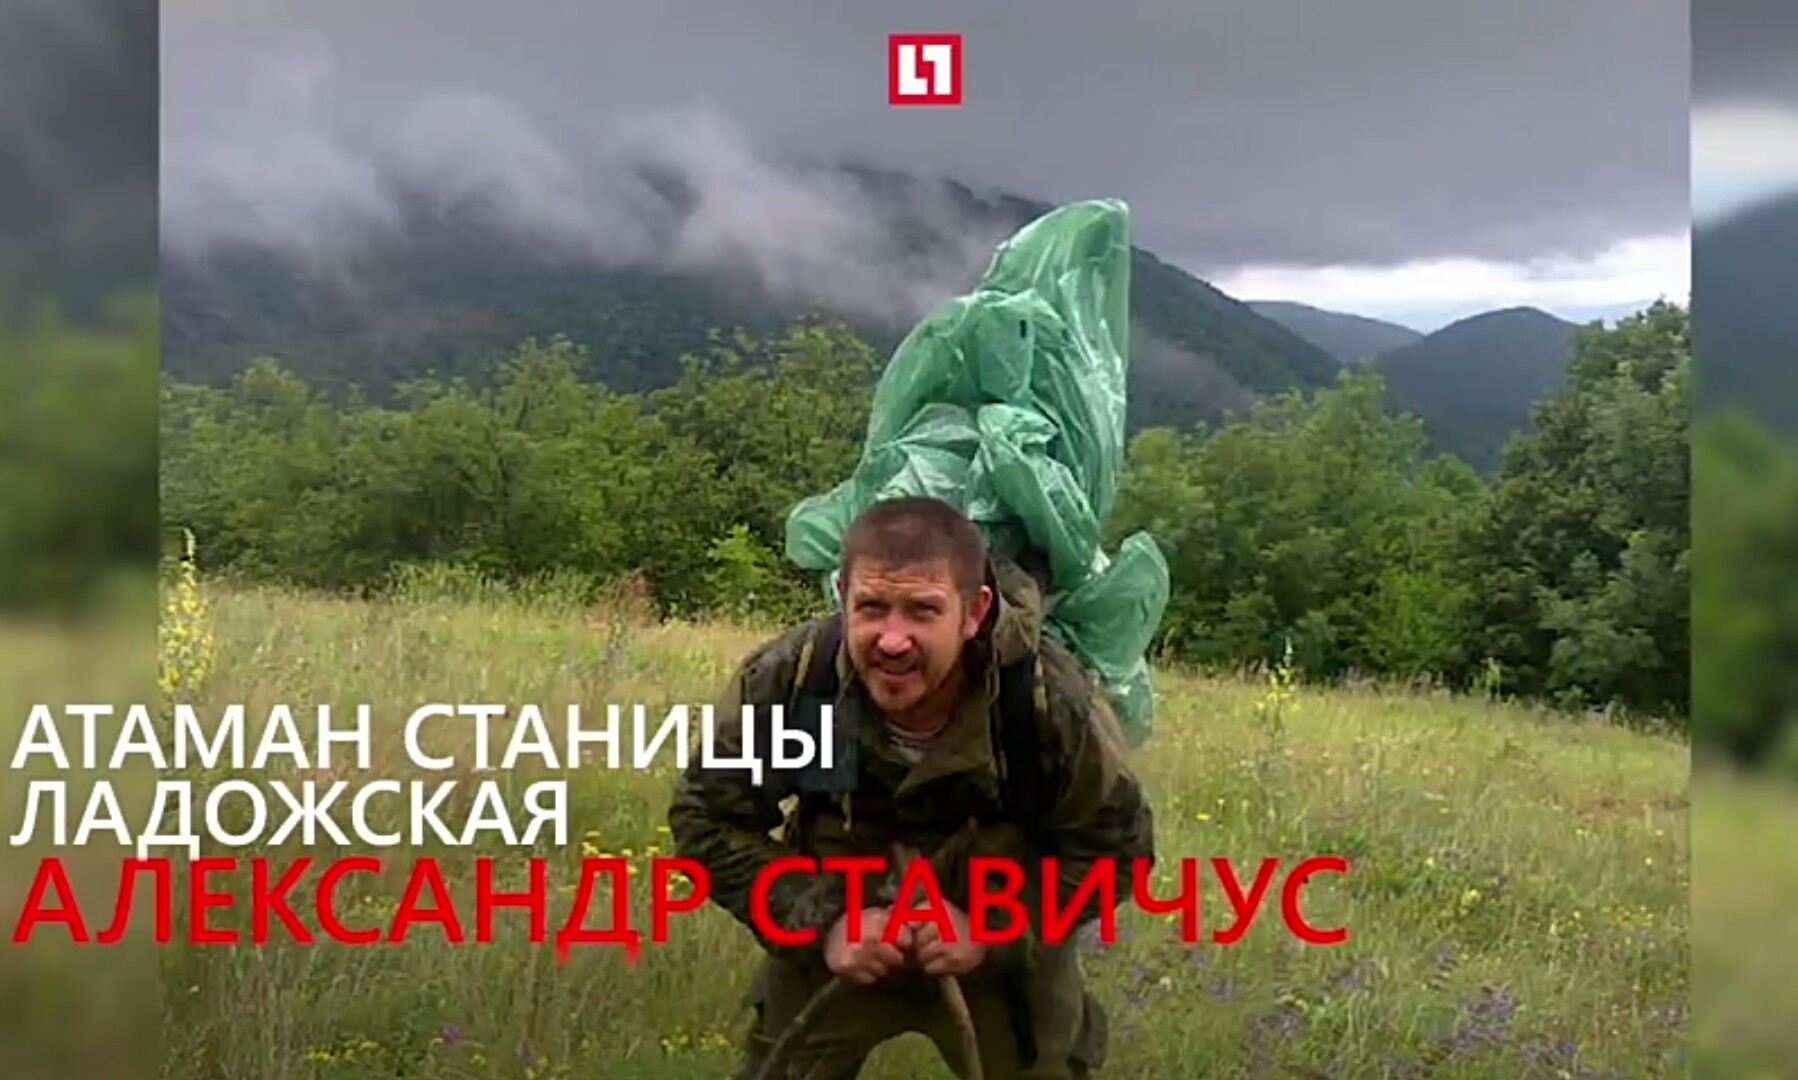 Александр Ставичус